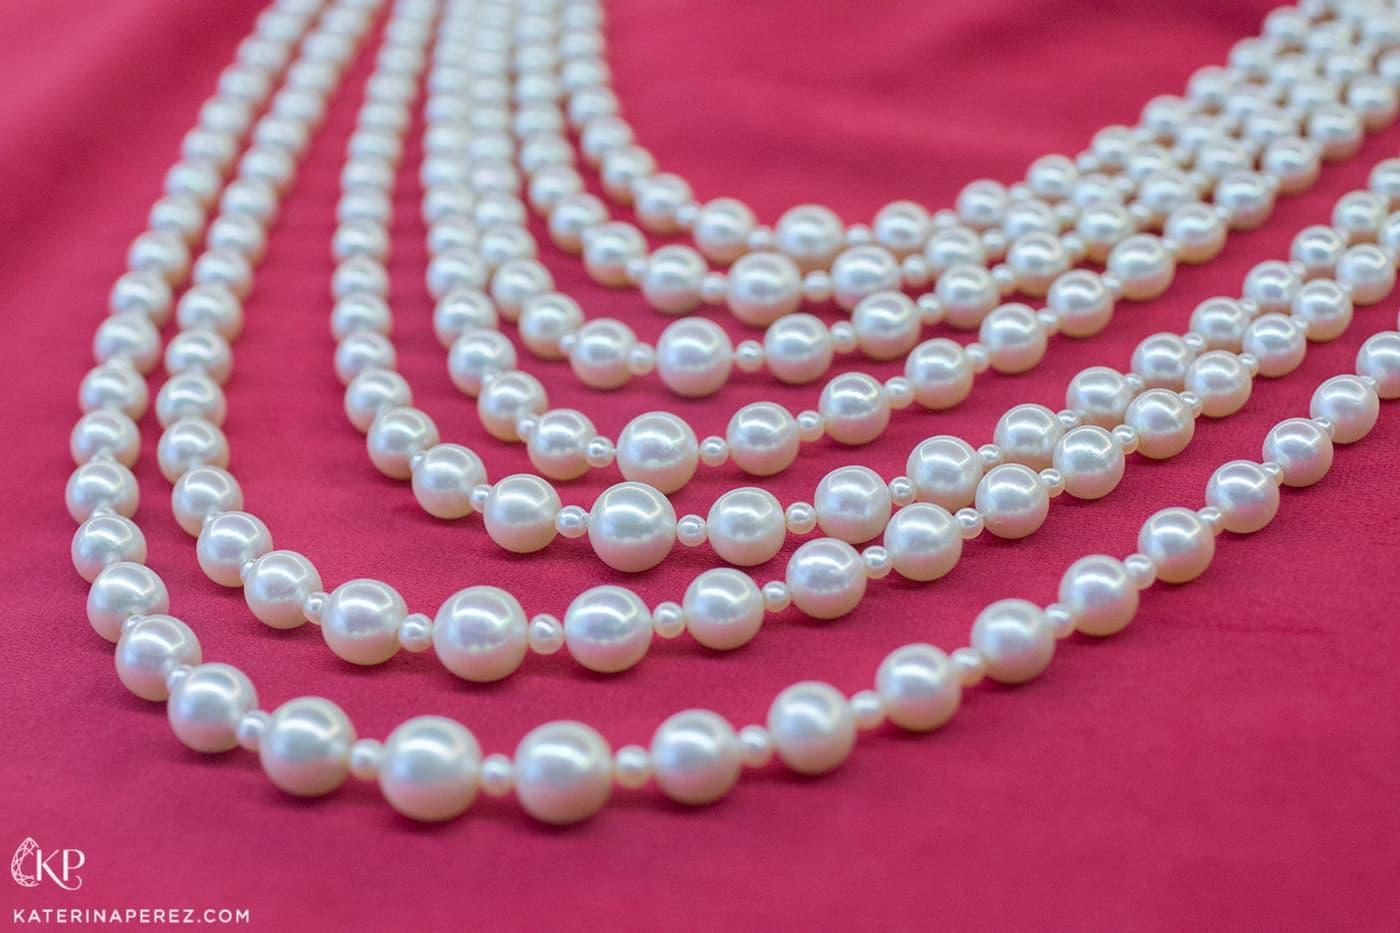 Выставка Christie's Magnificent Pearls - колье из натурального жемчуга